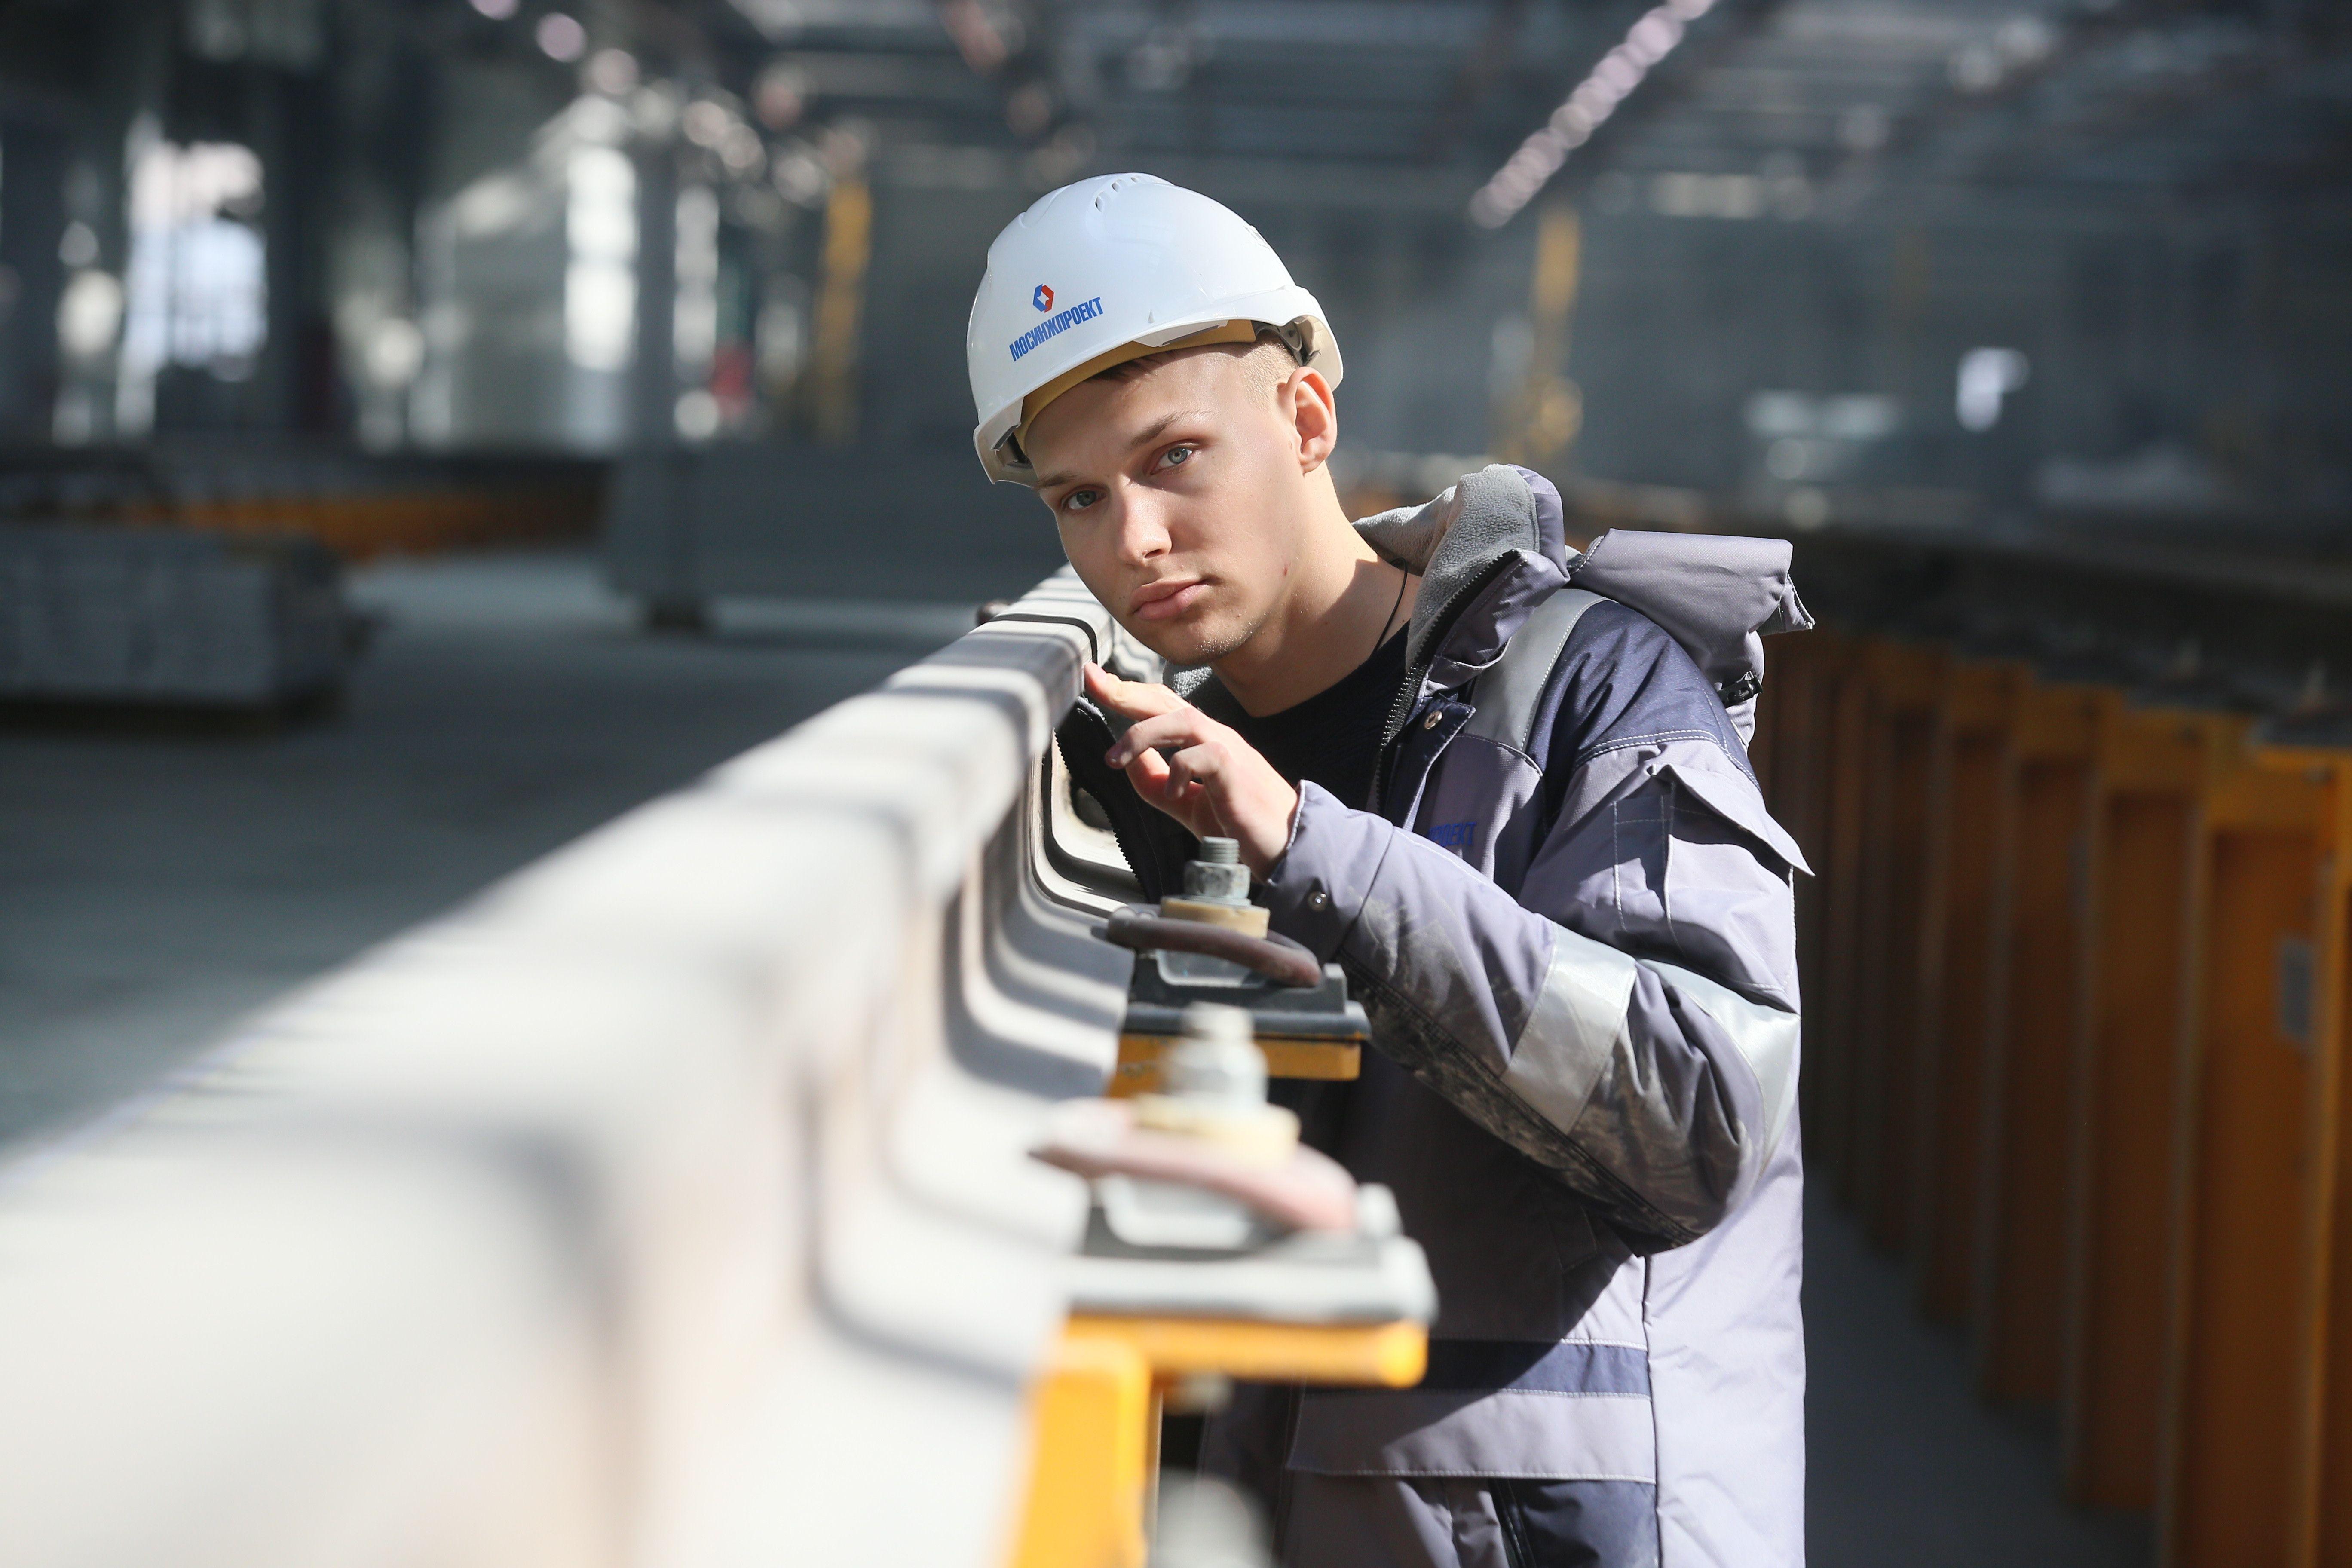 Метро Москвы получит 25 электродепо до 2024 года